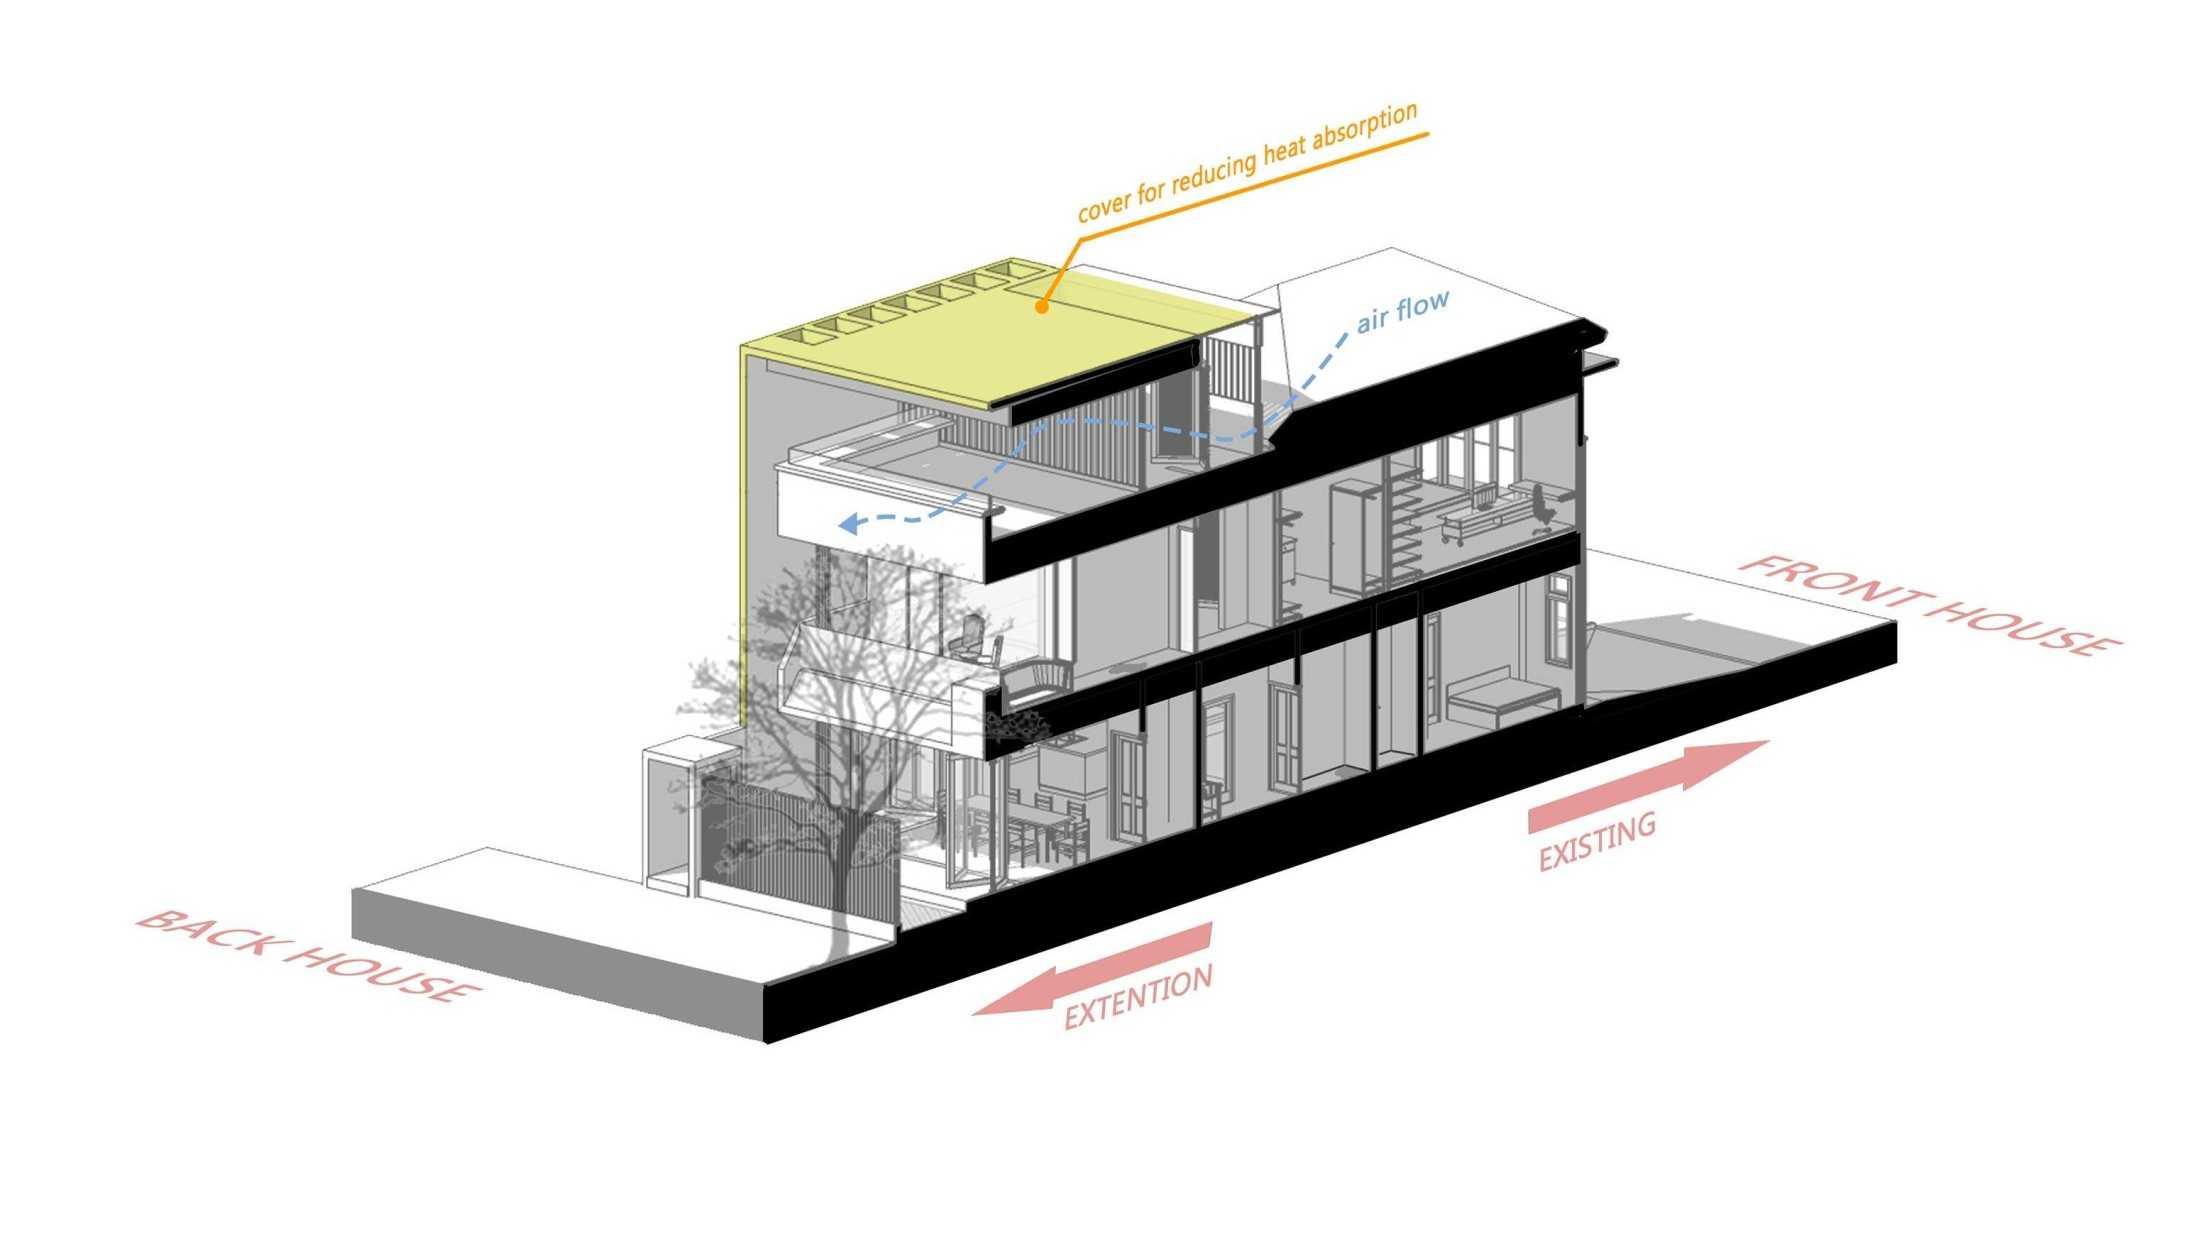 Perencanaan sirkulasi aliran udara terhadap bangunan (Dok: Atelier ARA)